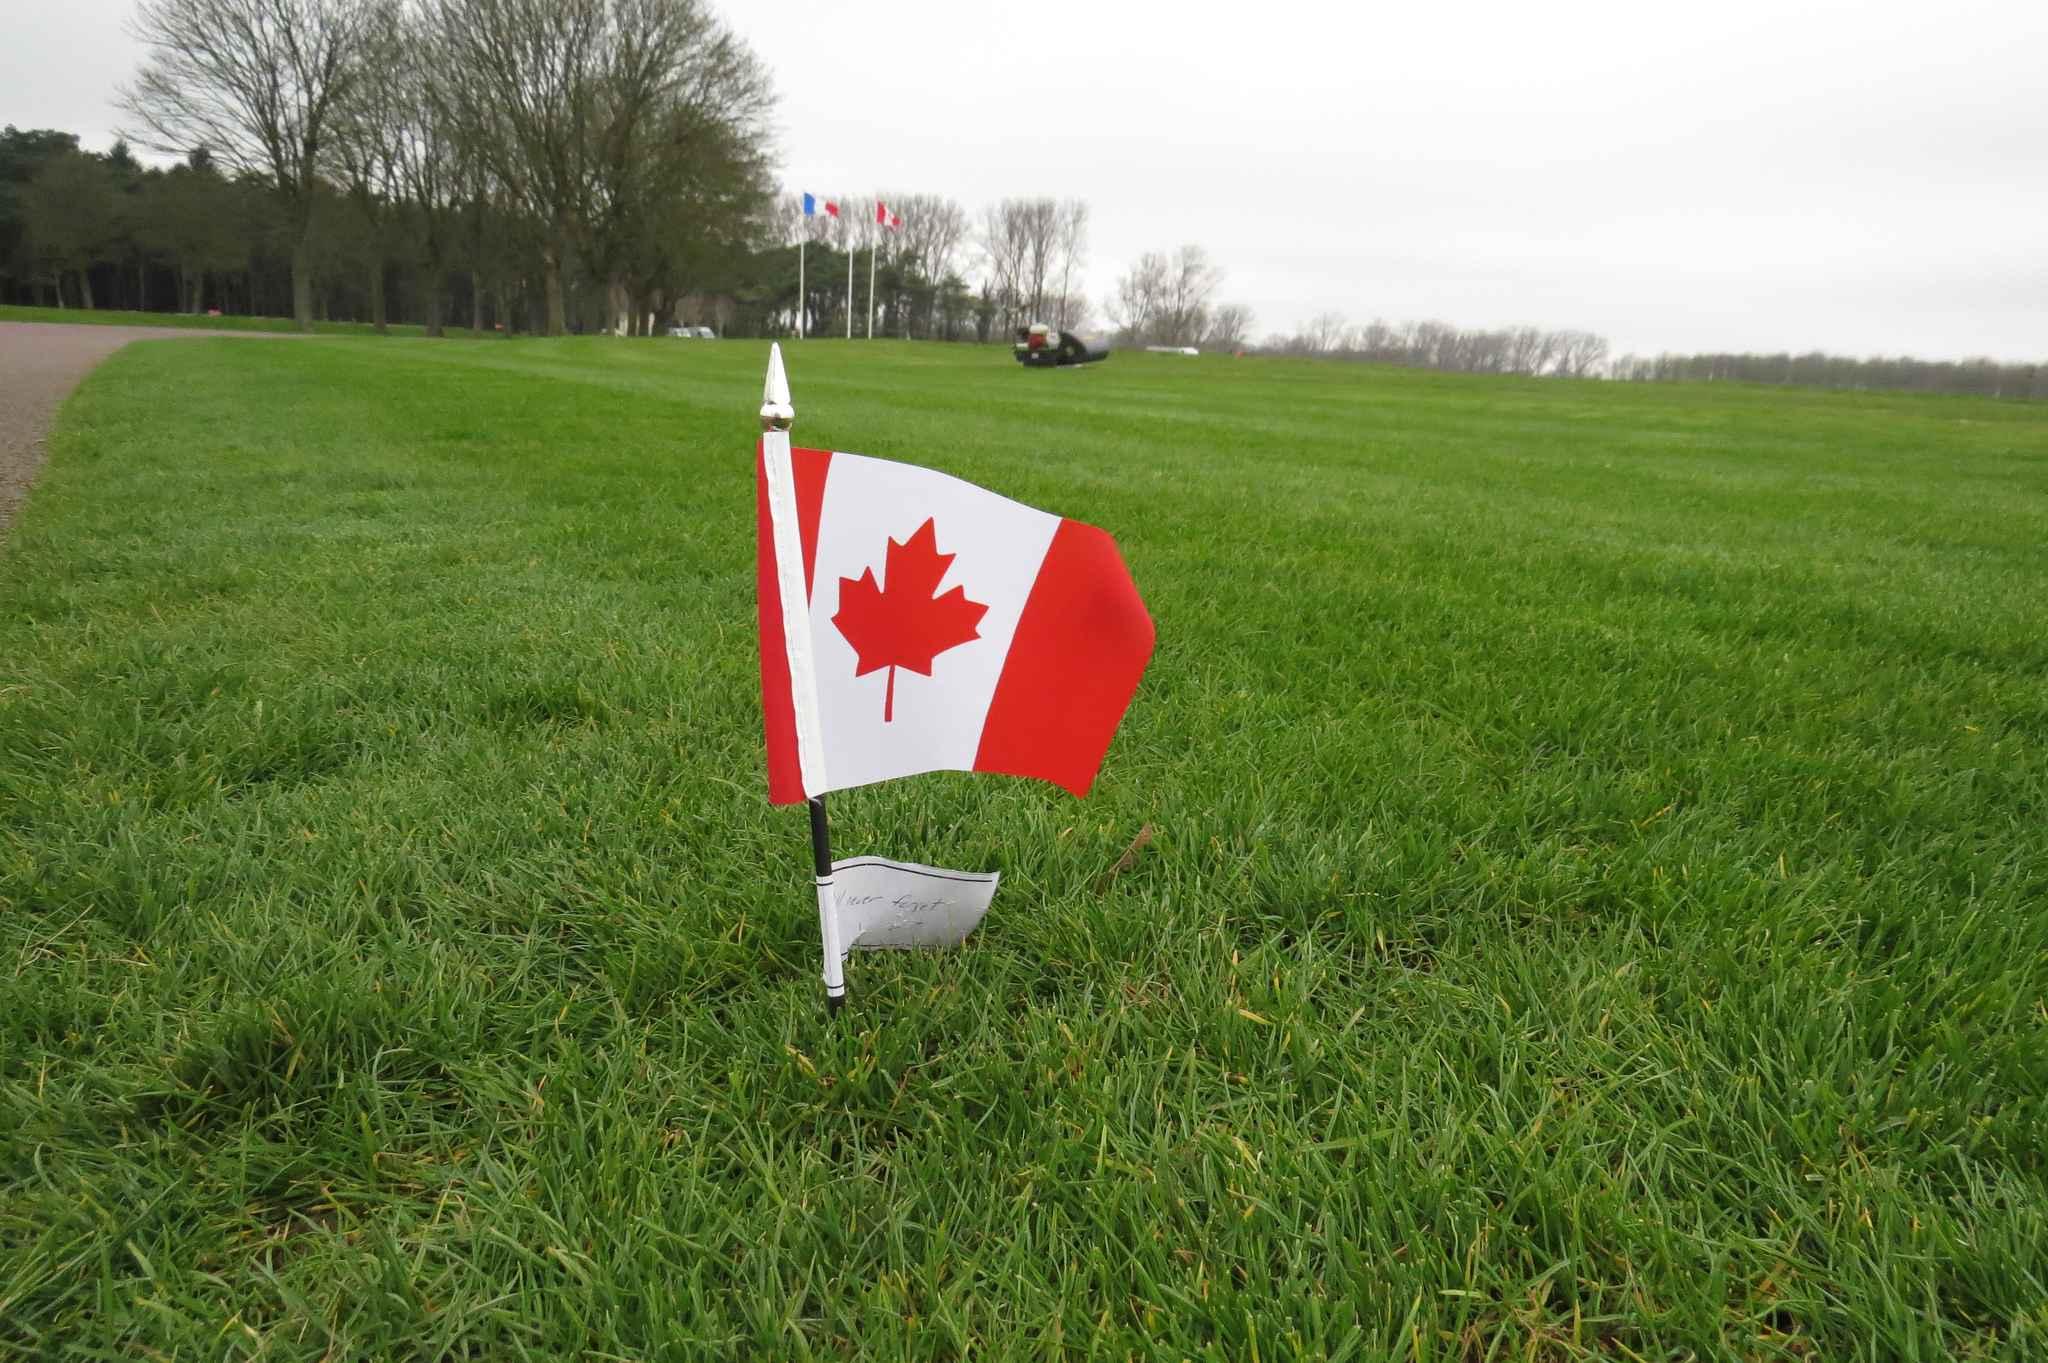 Le centenaire commémoré en présence de Justin Trudeau — Bataille de Vimy